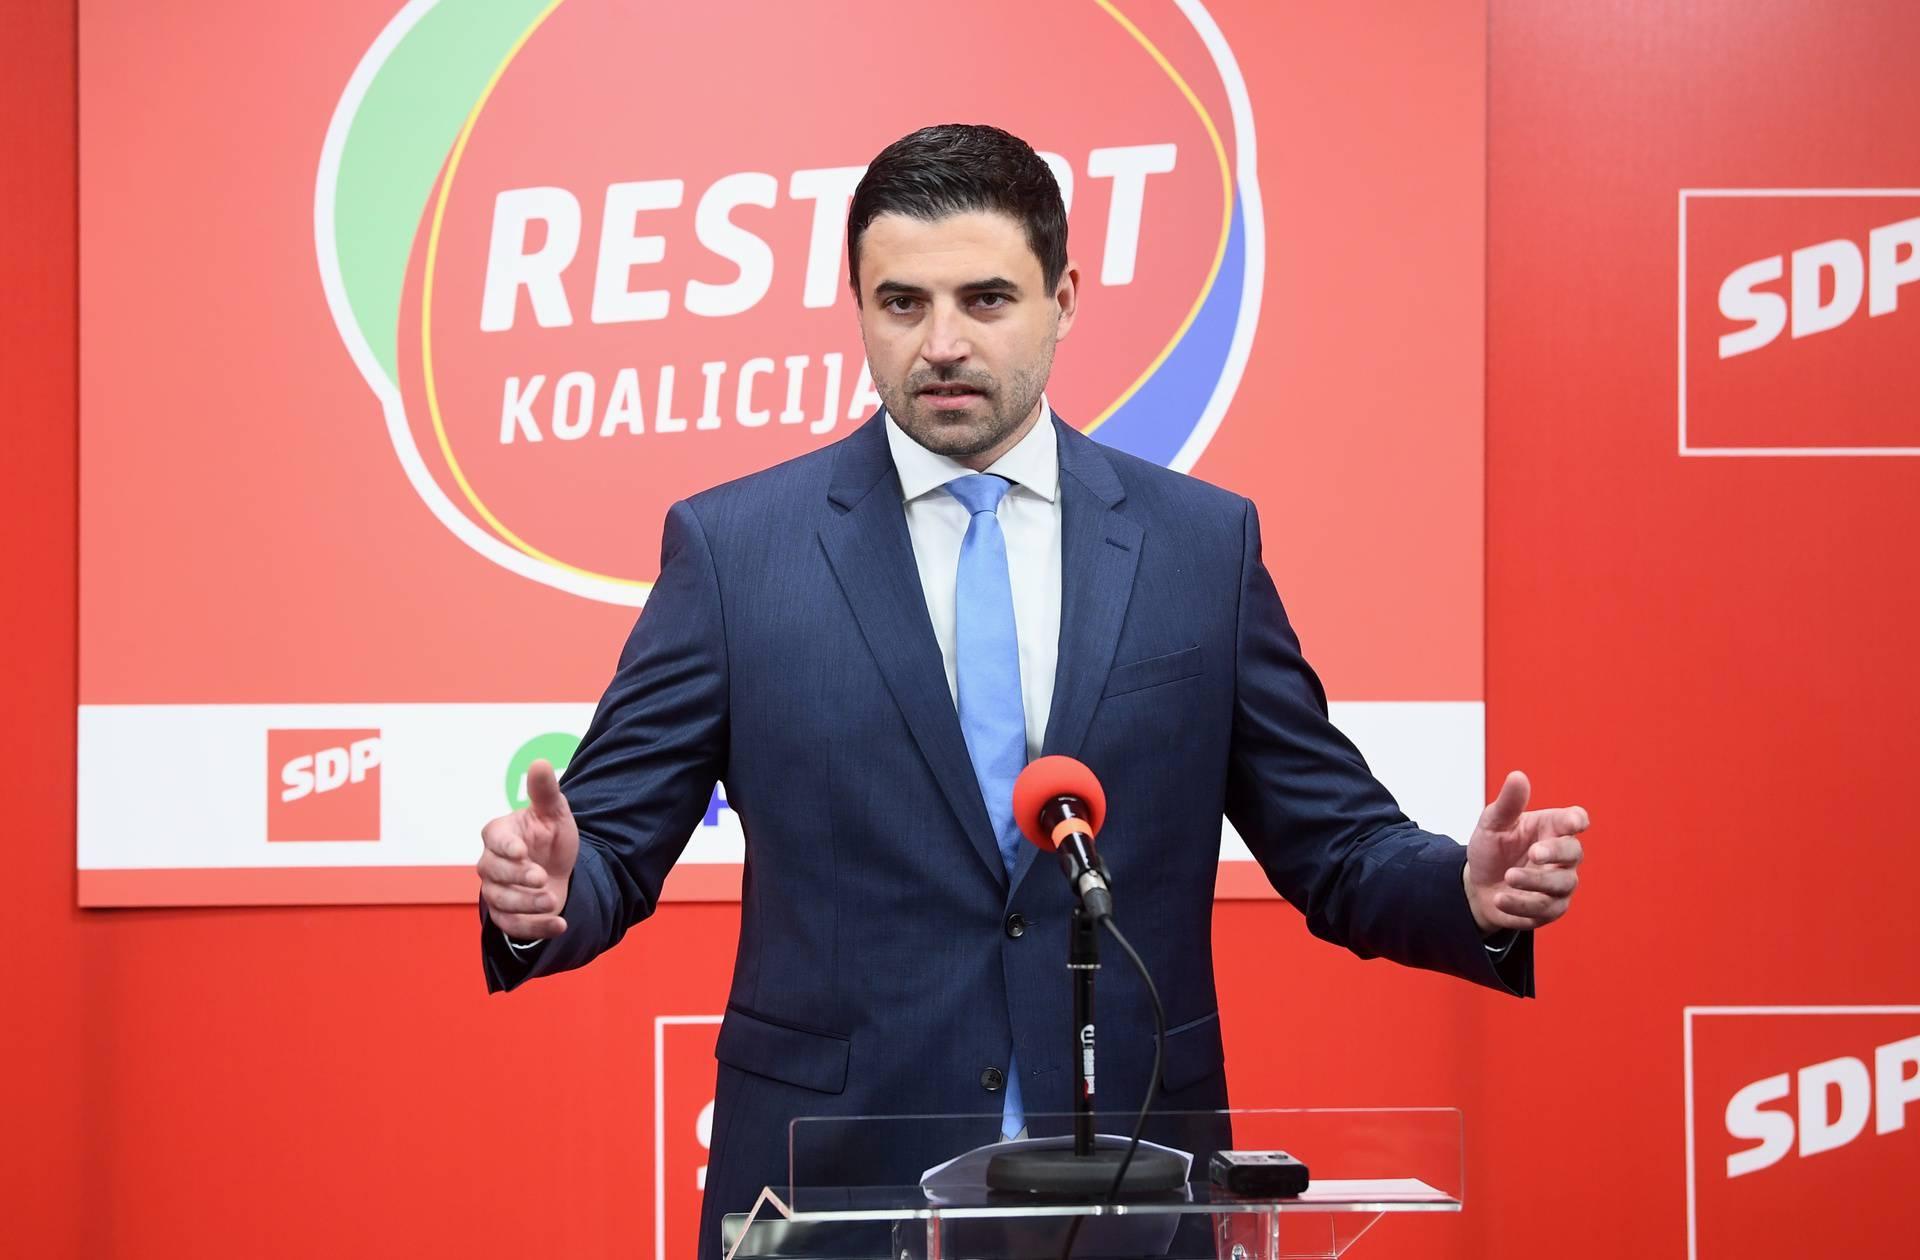 'Nije ovo boksački meč mene i Plenkovića, nego predstavljanje najboljeg tima, ali i programa'